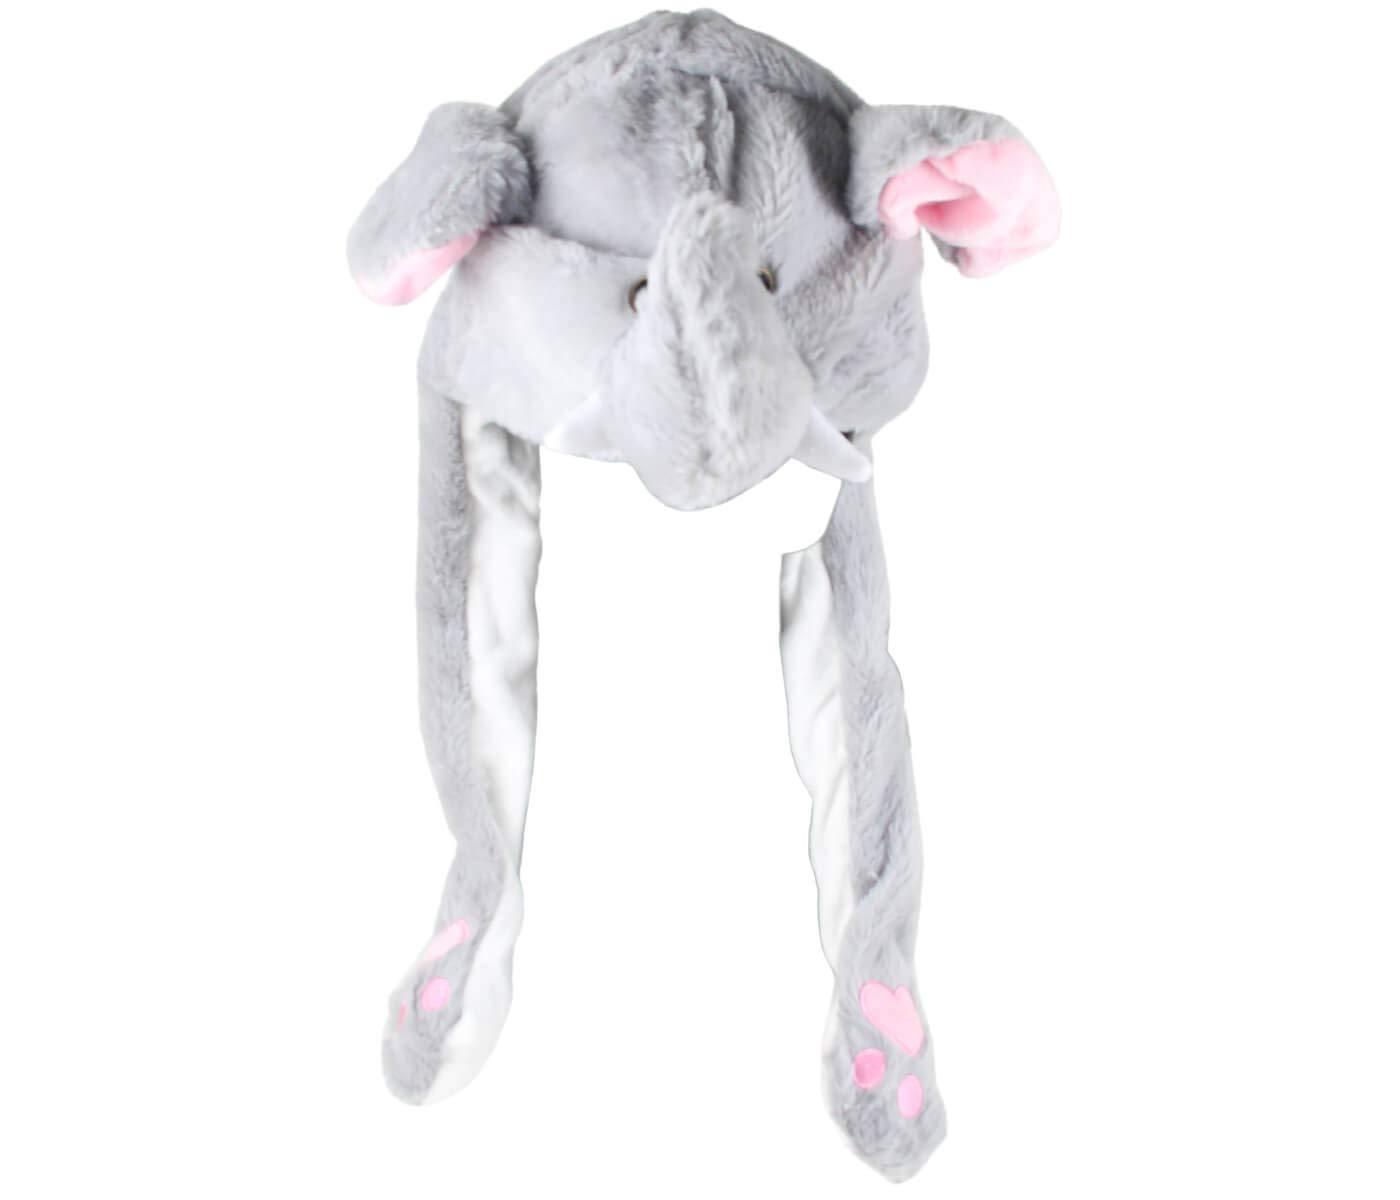 Divertente Cappello Cane Bianco Peluche Che muove Le Orecchie Cappuccio Taglia Unica per Bambini e Adulti Berretto Accessorio Invernale con Orecchi Mobili